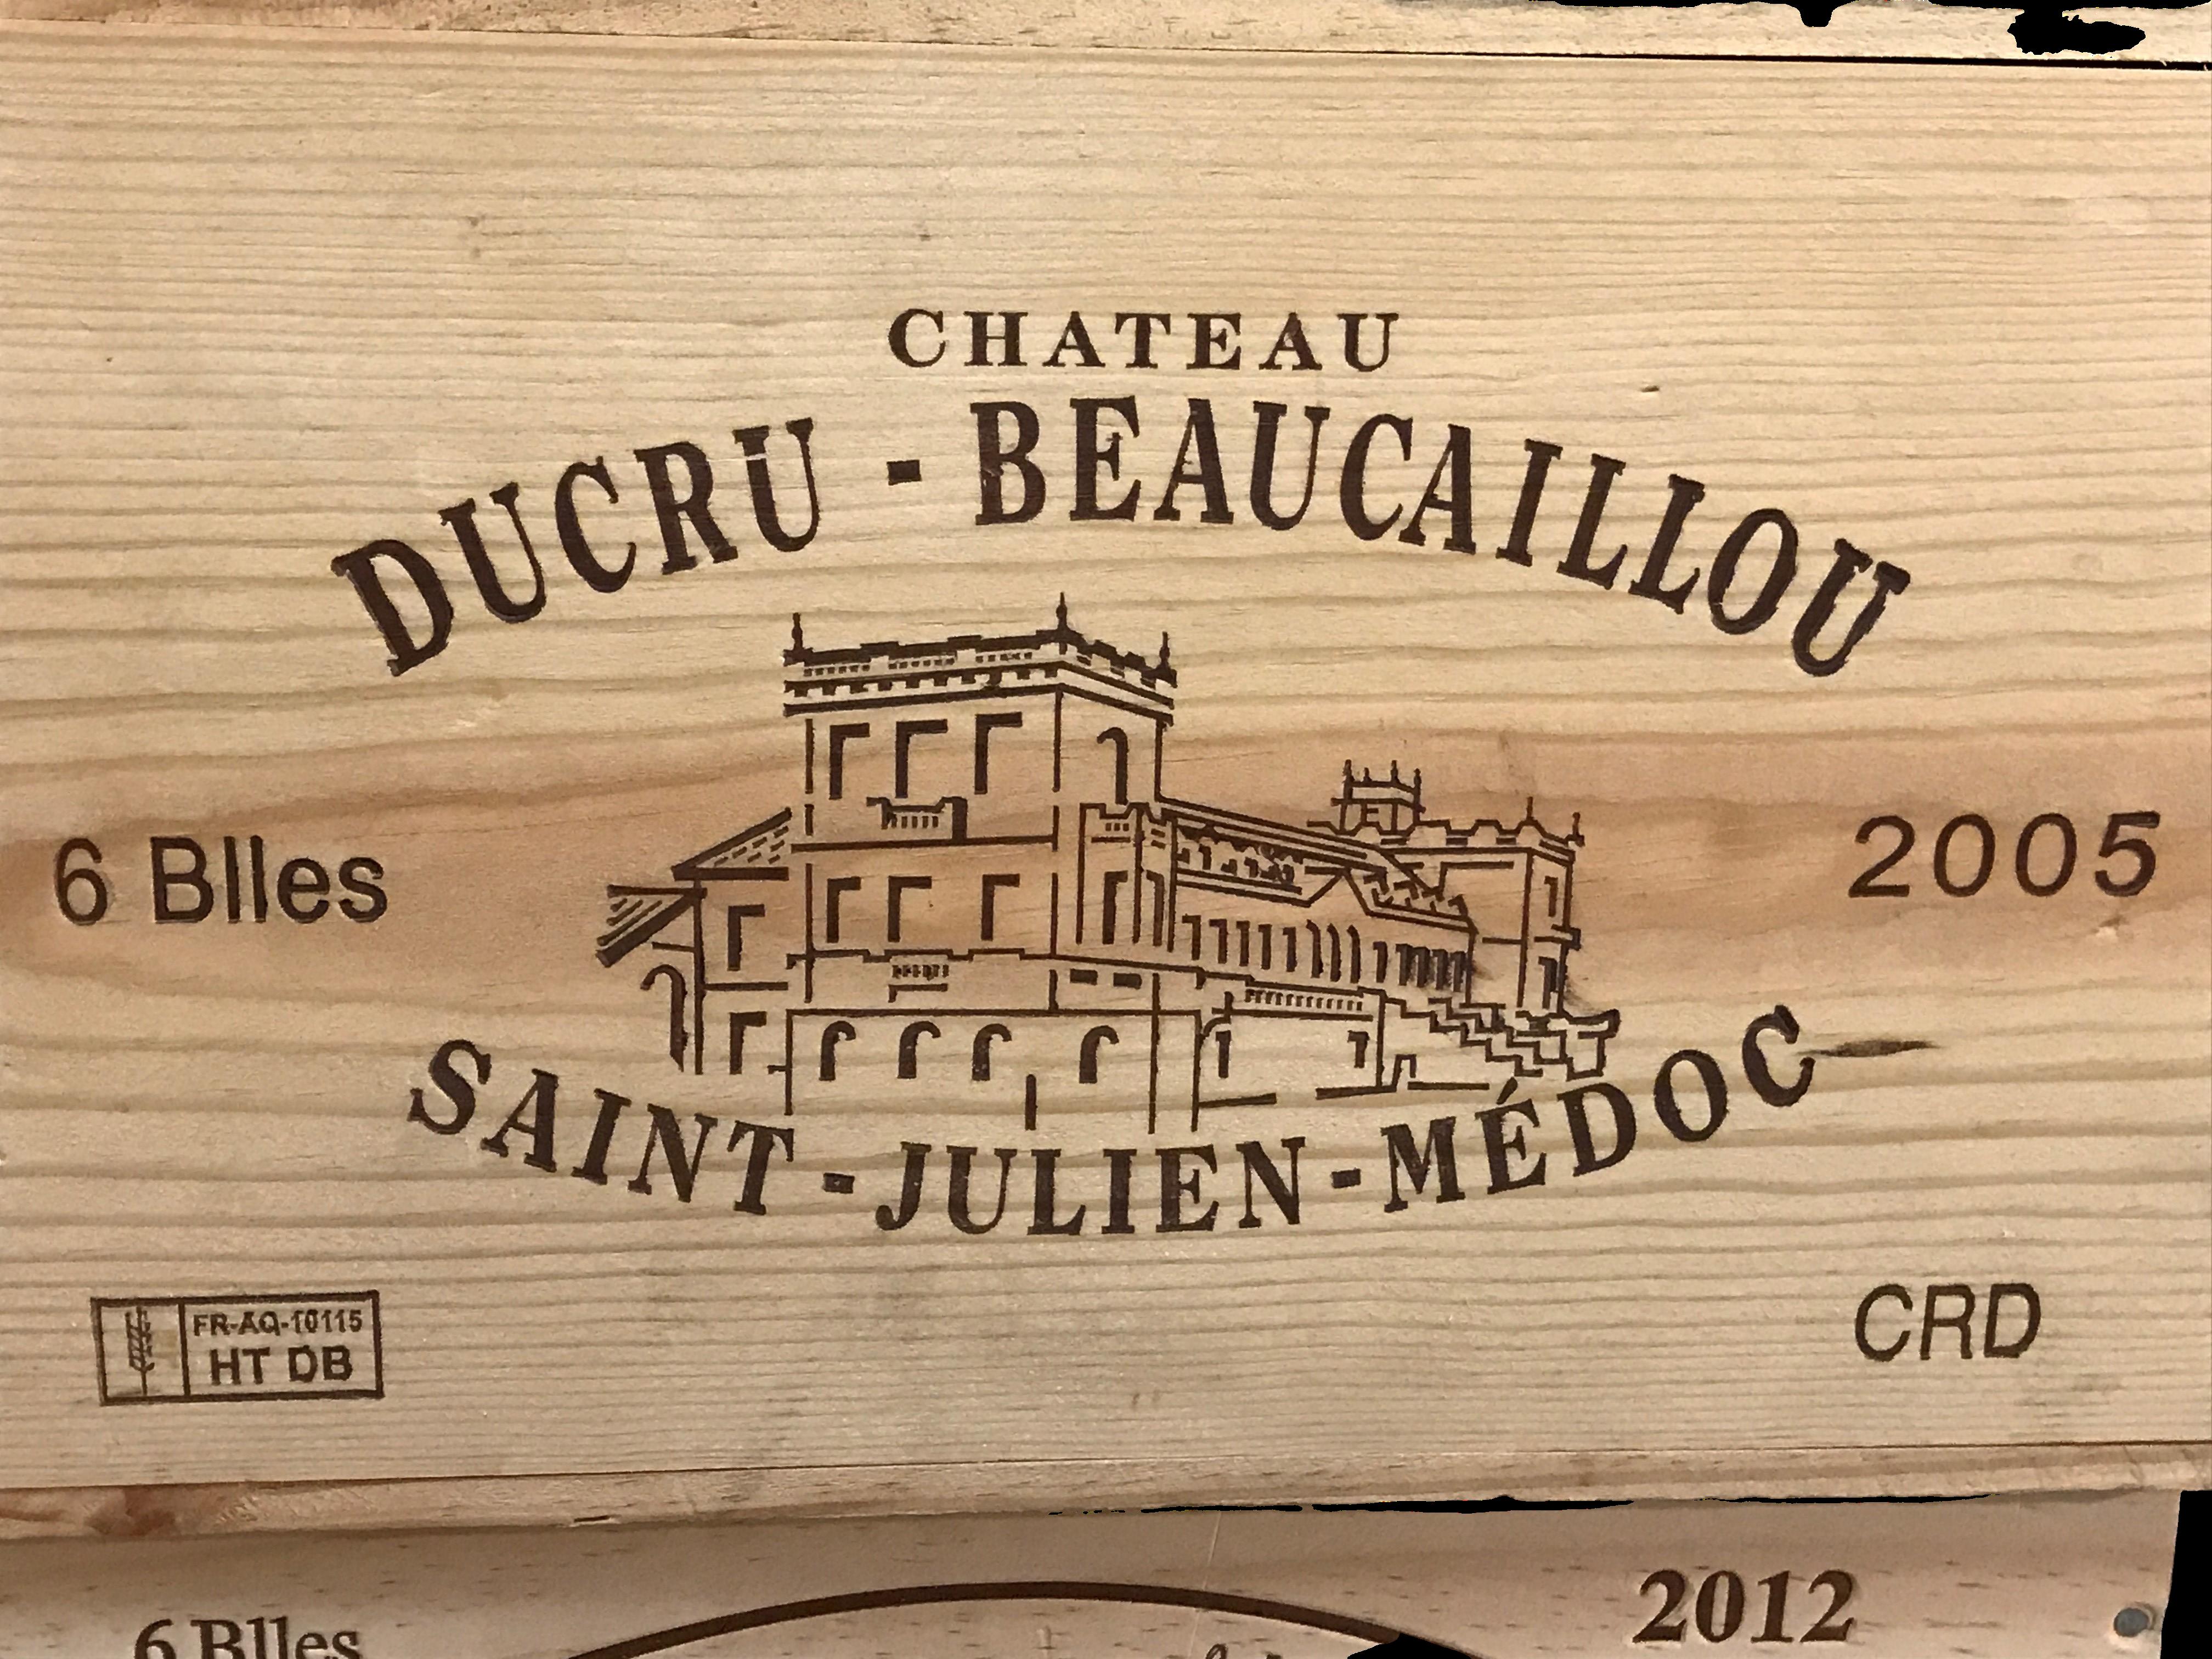 Château Ducru-Beaucaillou 2005 (CBO 6)